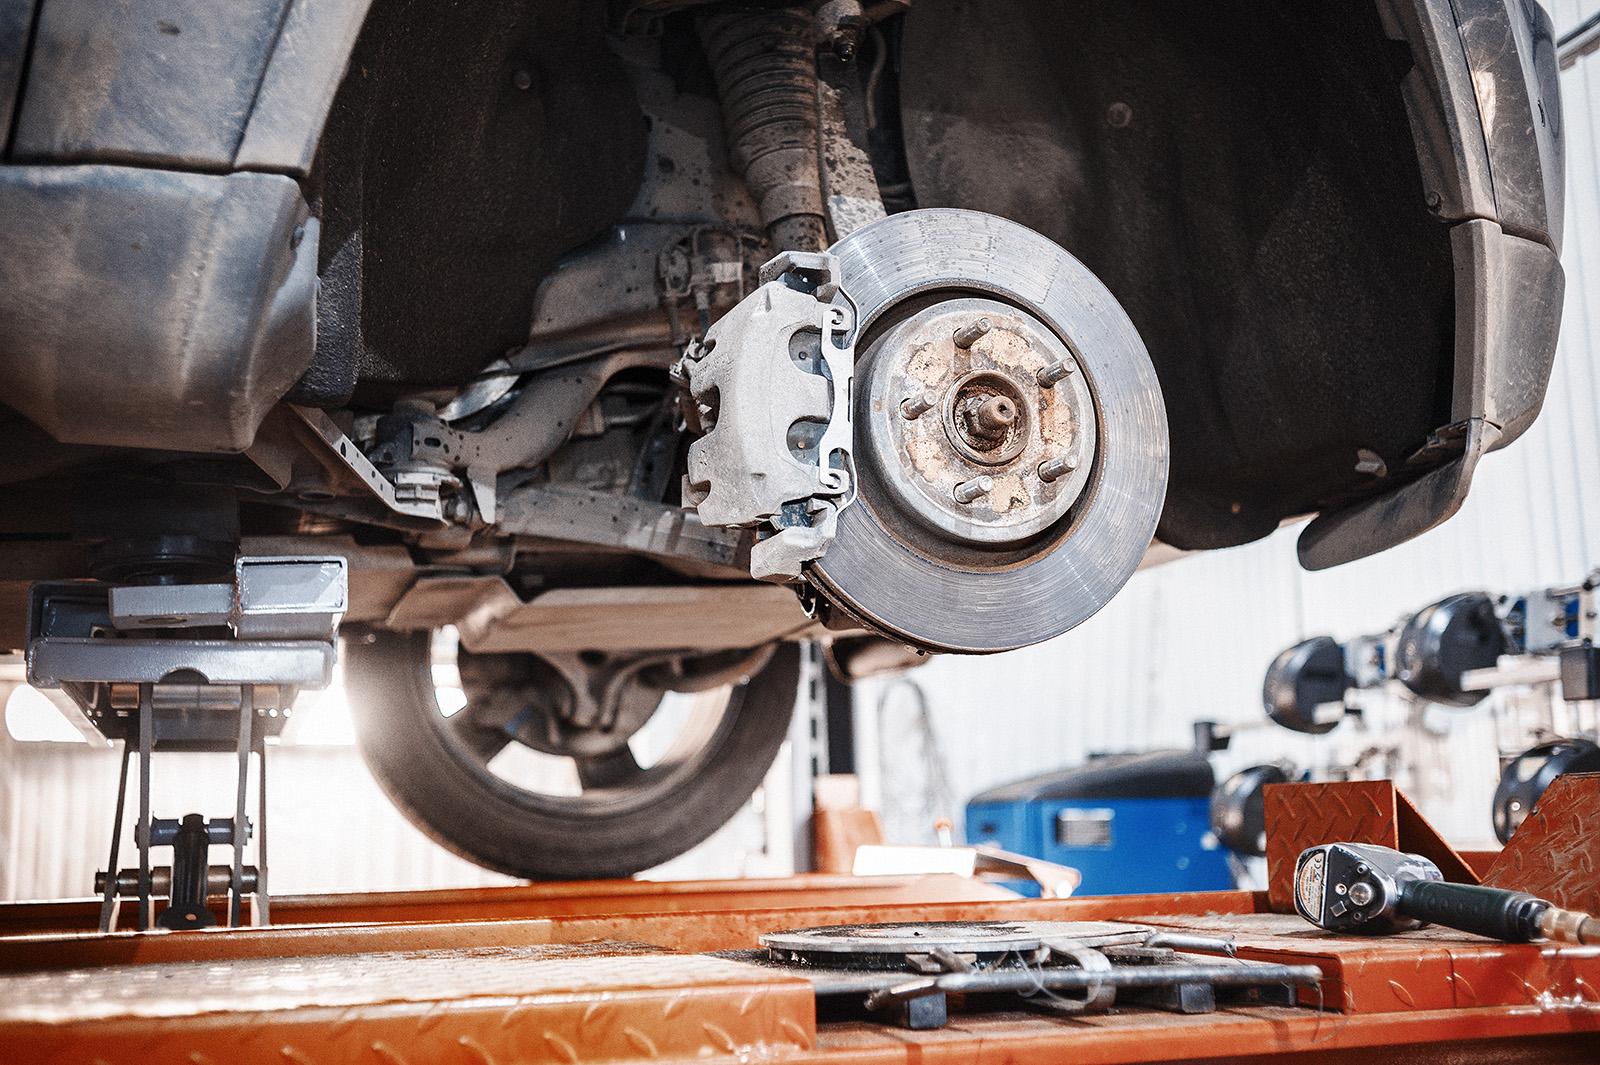 Джип Гранд Чероки со снятым передним колесом